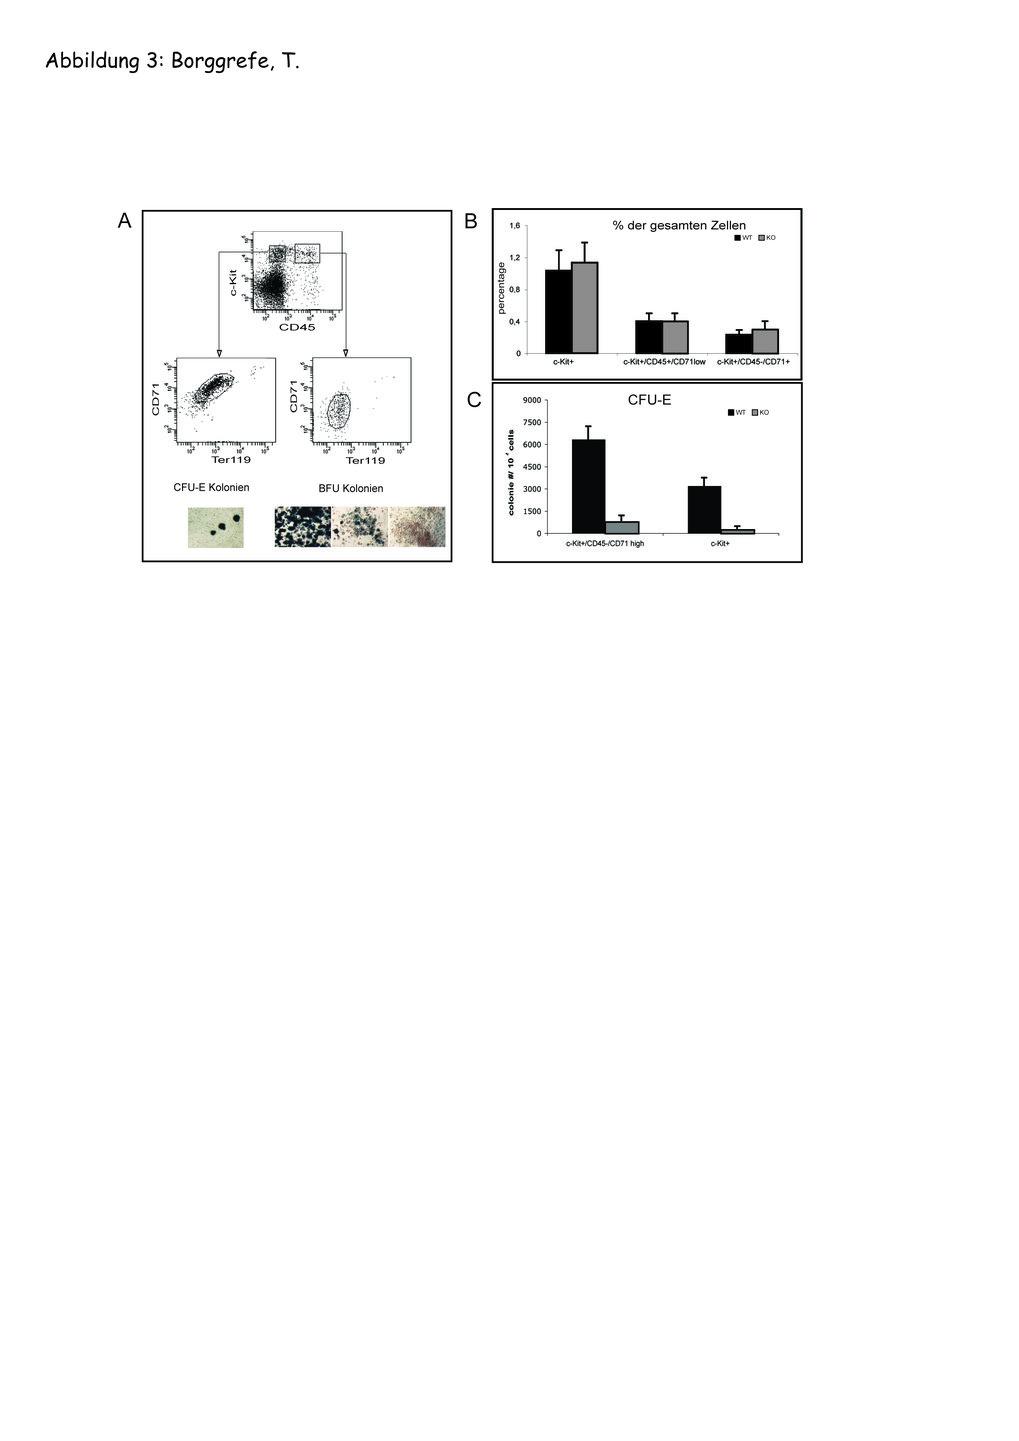 Bildung von erythroiden Kolonien von Wildtyp- und Med1-defizienten Vorläuferzellen: A) Vorläuferzellen wurden mit den Markern c-Kit, Ter-119 und CD71